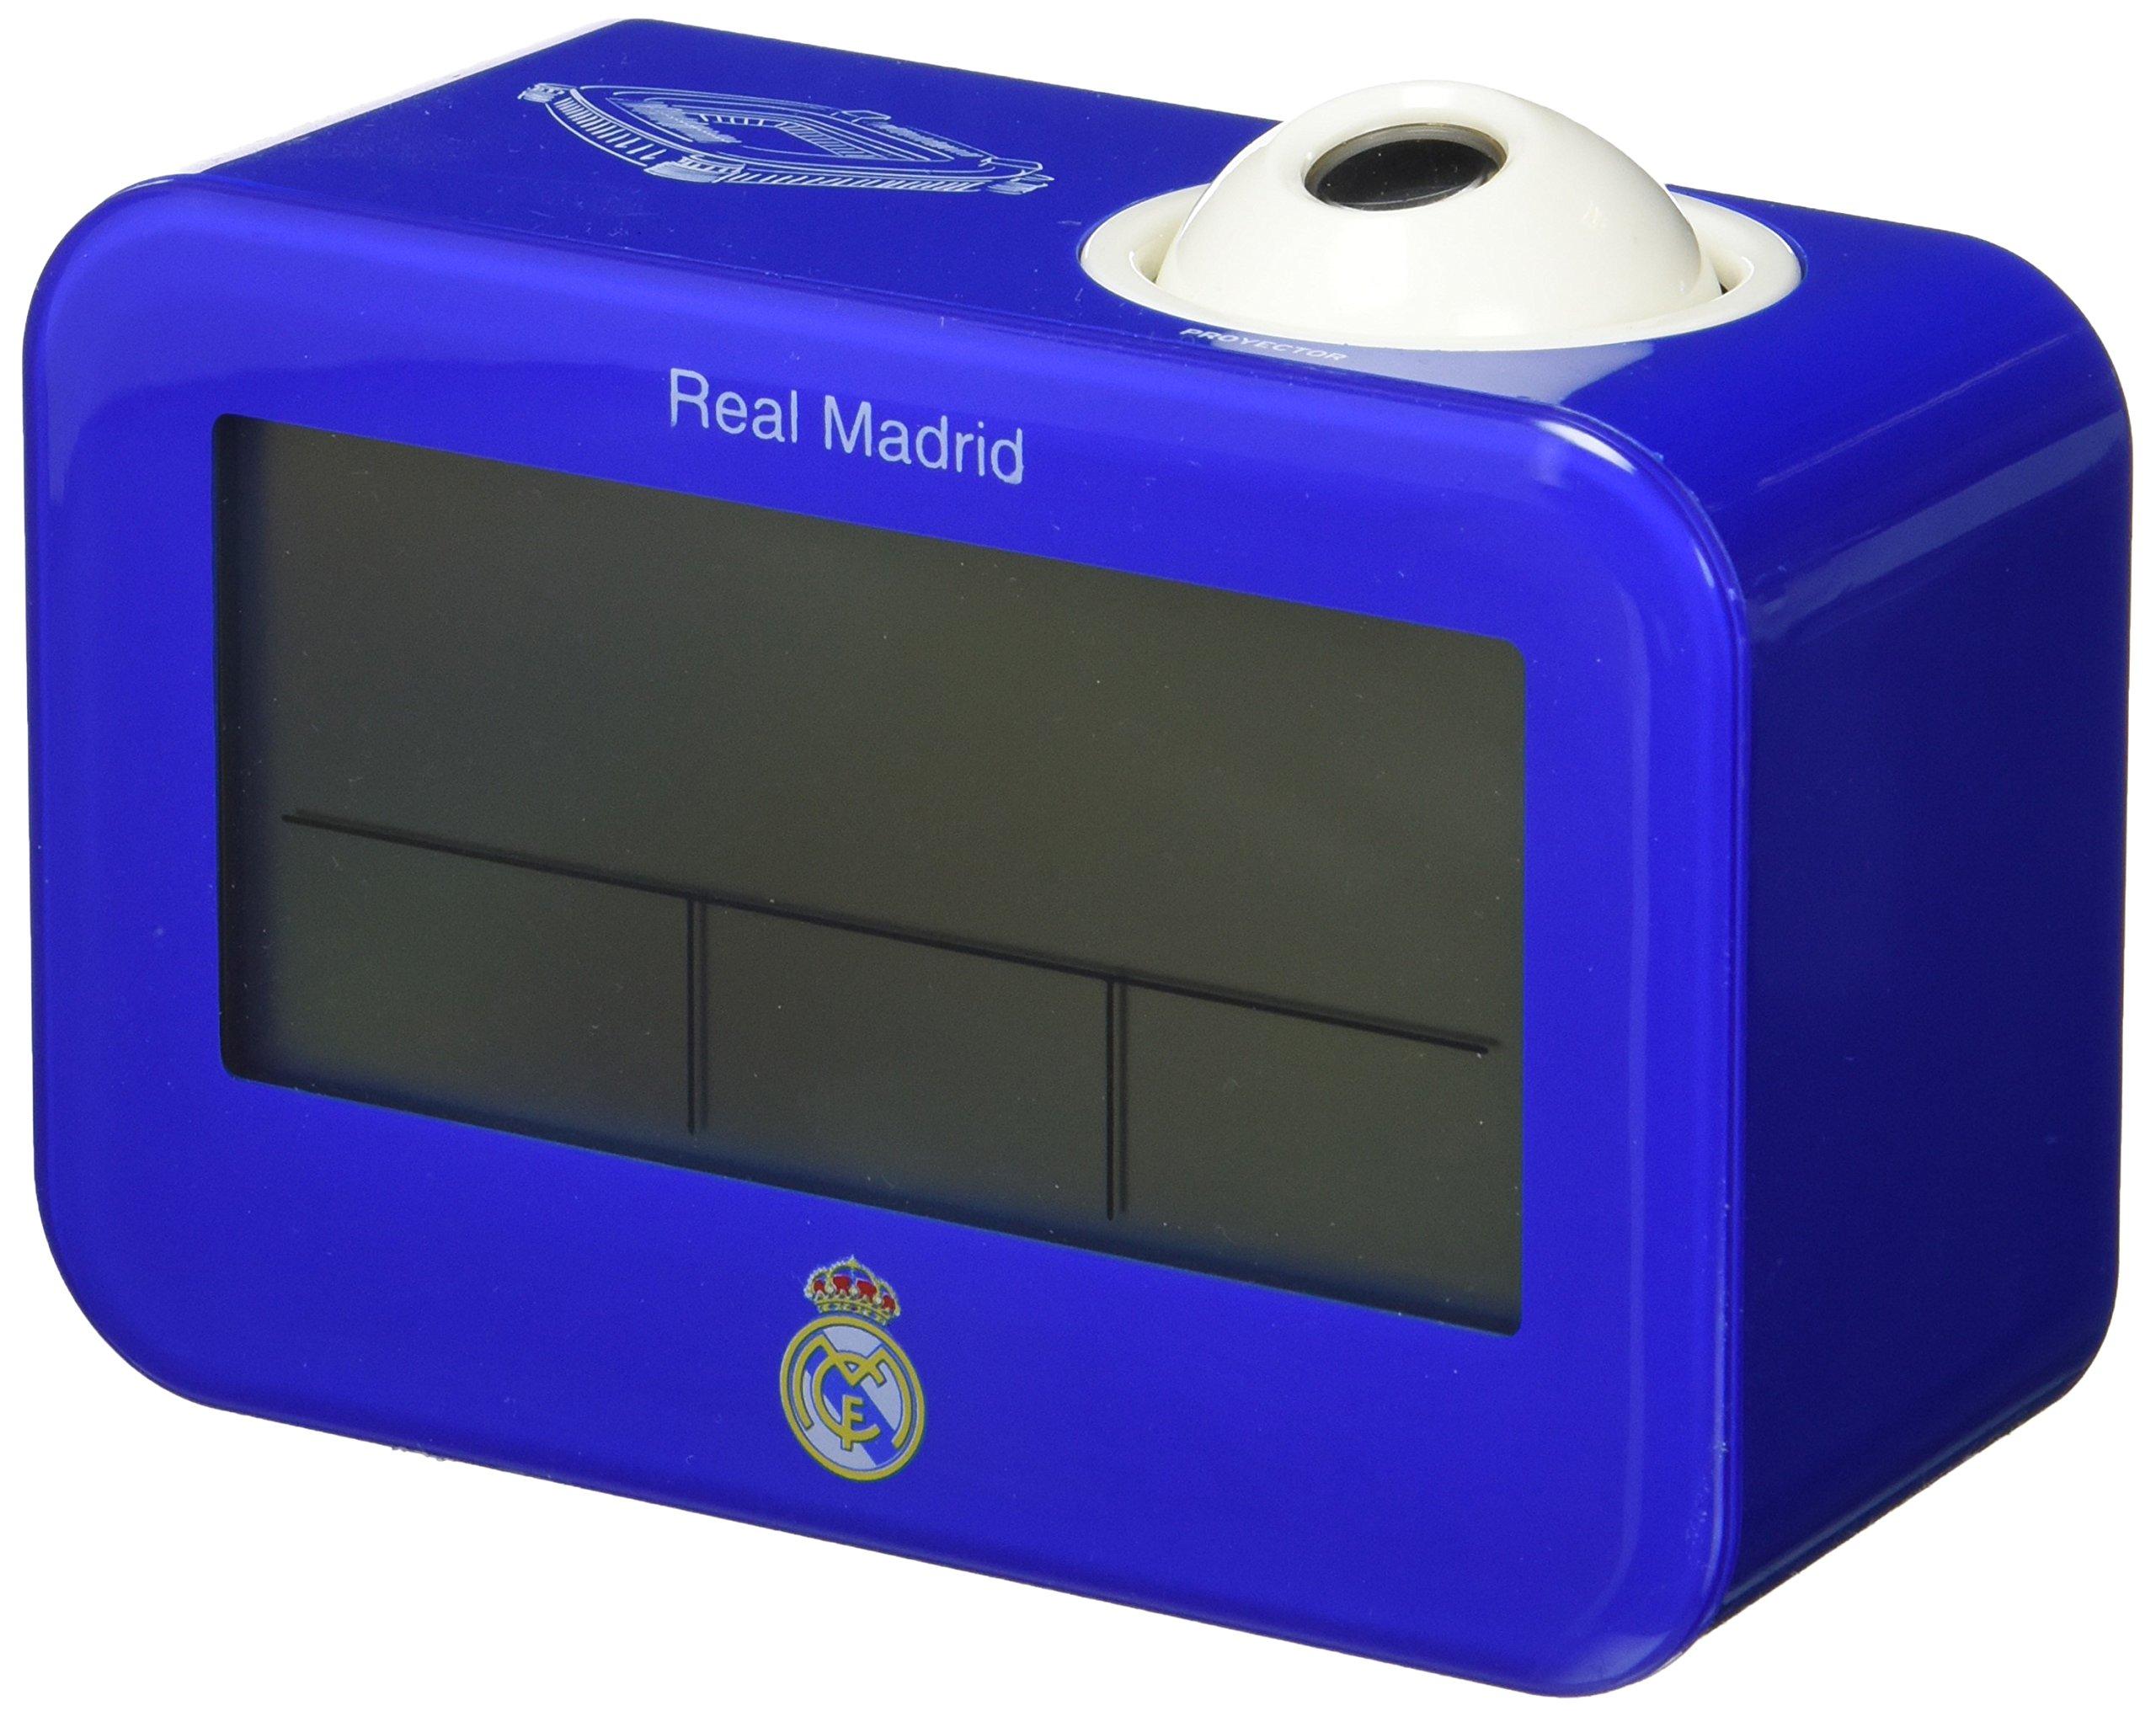 Seva Import Real Madrid Despertador, Unisex Adulto, Azul/Blanco, Talla Única: Amazon.es: Deportes y aire libre